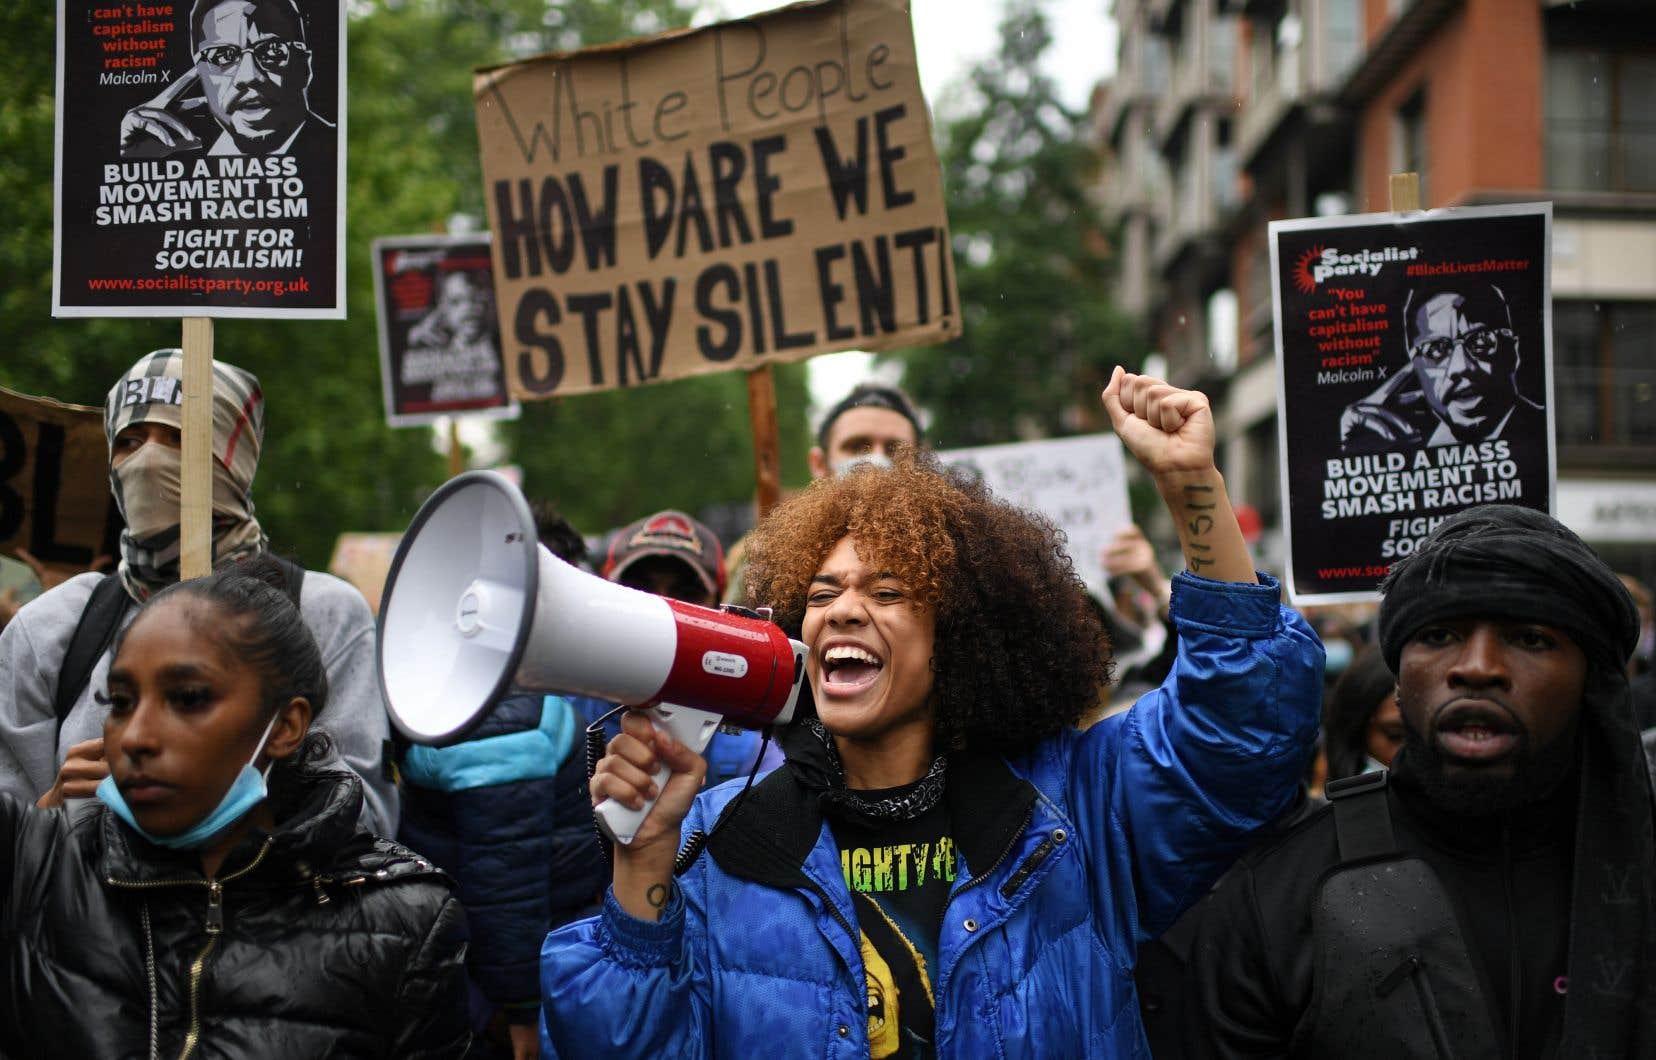 Bien que le mouvement Black Lives Matter ait annulé la manifestation prévue en début d'après-midi dans le centre de la capitale, plusieurs centaines de personnes se sont rassemblées à Hyde Park avant de se diriger vers le parlement.